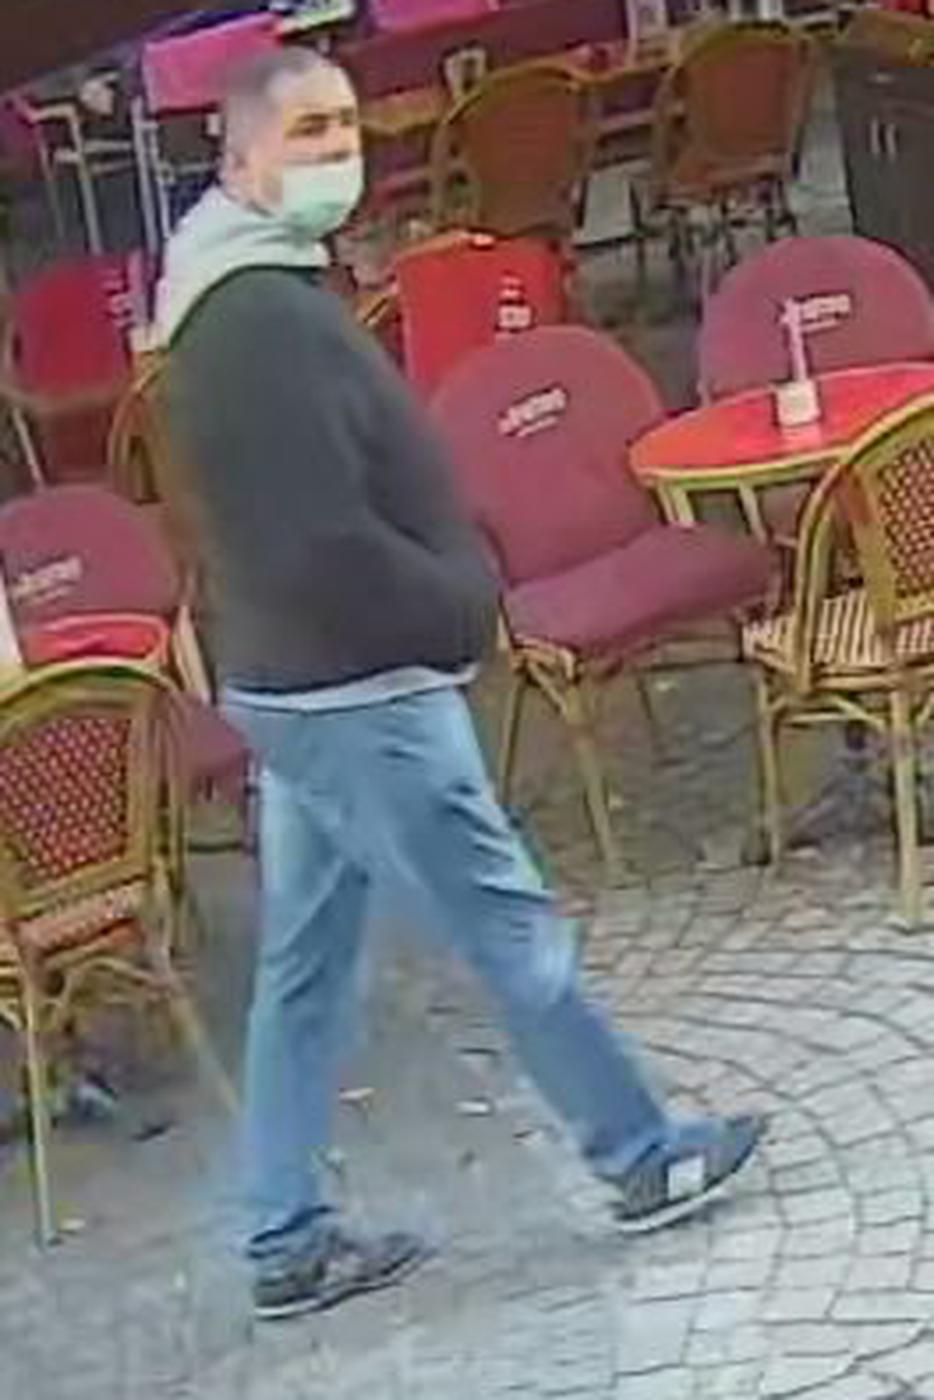 Foto einer gesuchten Person im Zusammenhang mit dem mysteriösen Todesfall in Baden-Baden